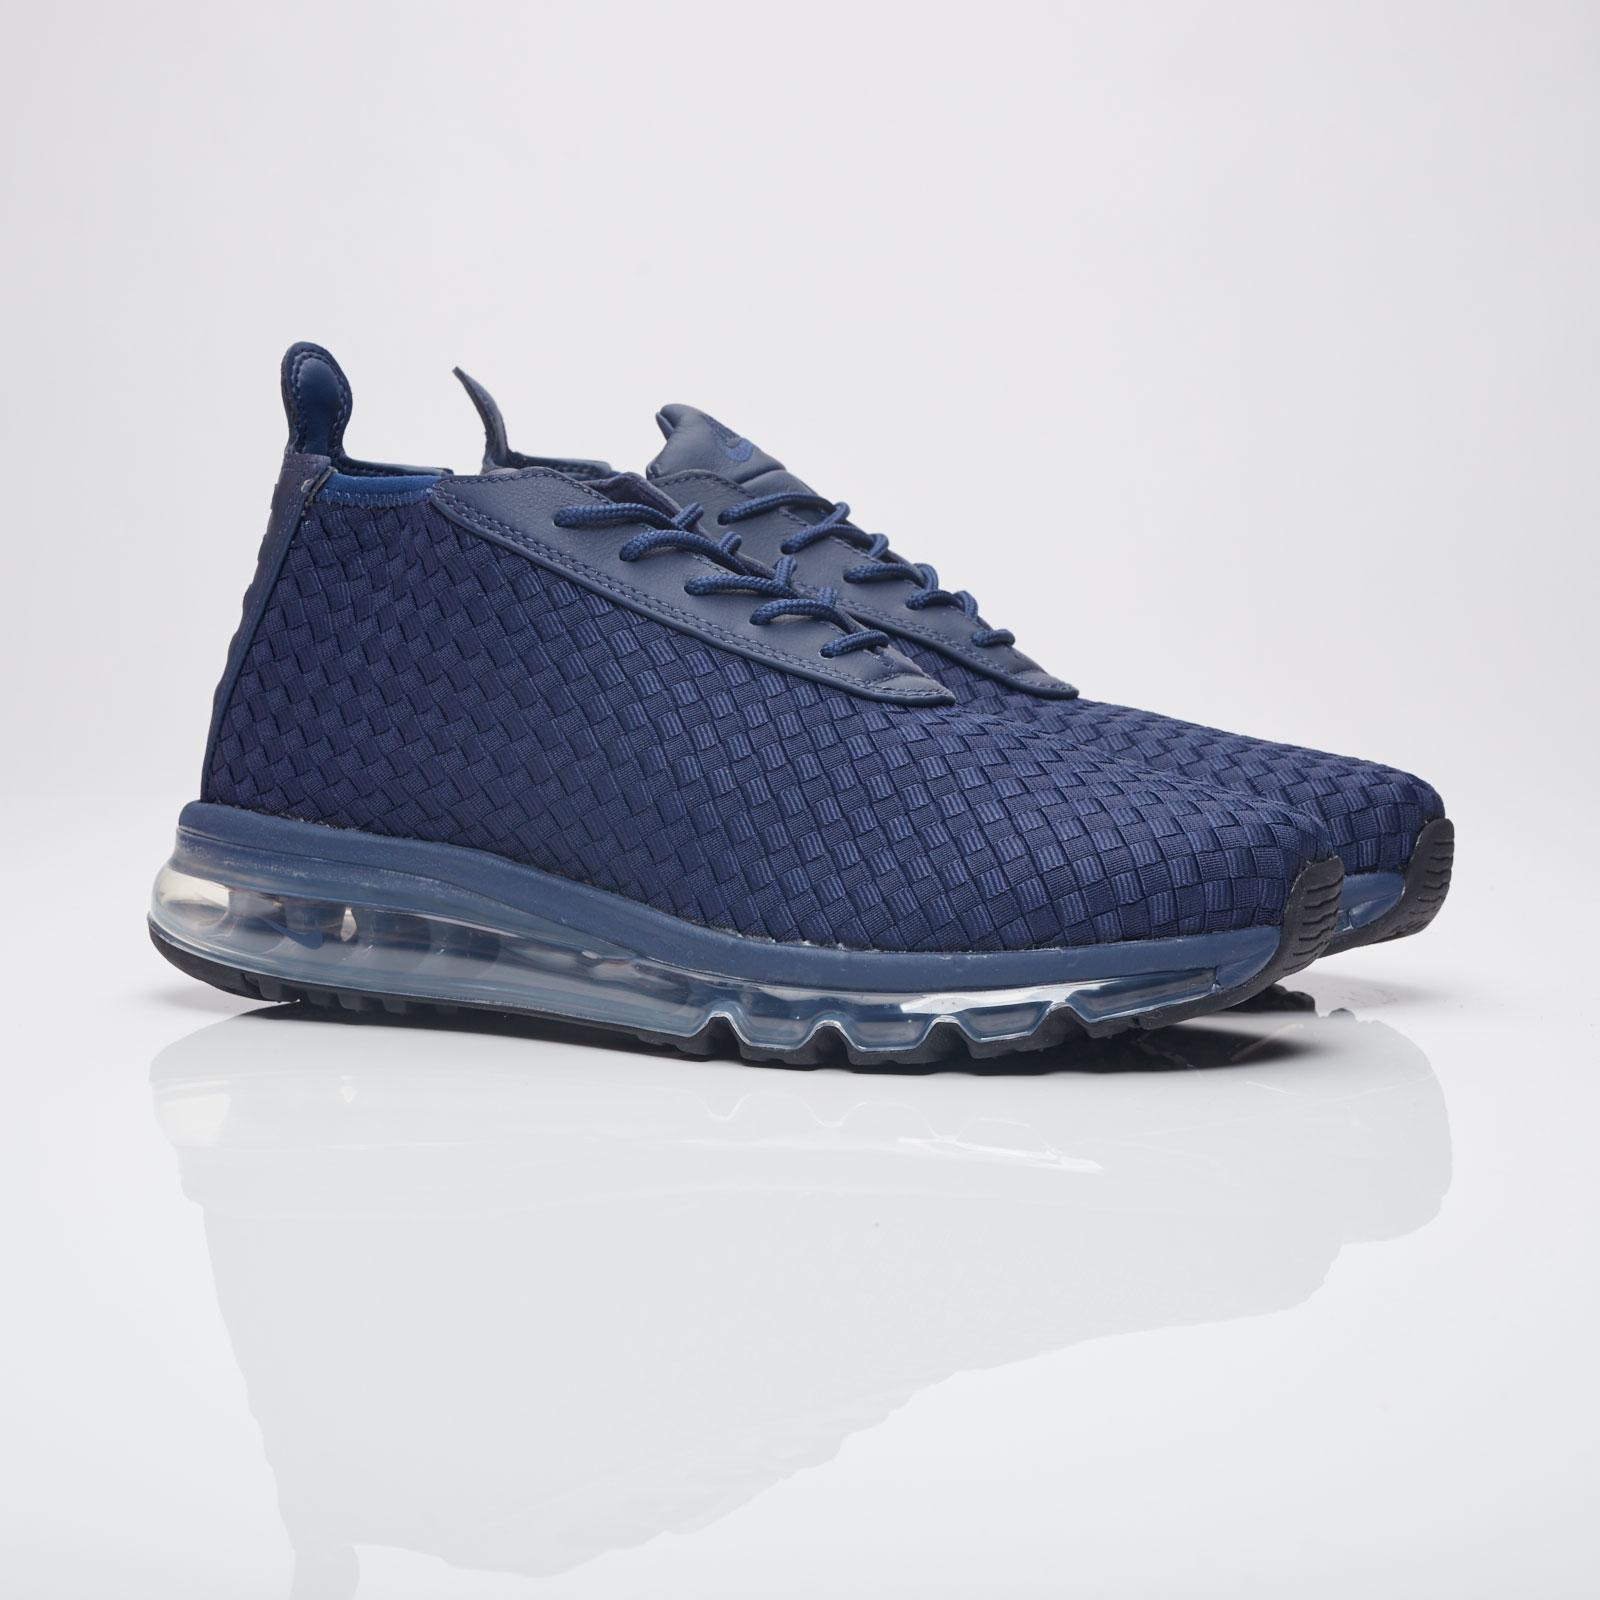 promo code a0350 30a43 Nike Sportswear Air Max Woven Boot